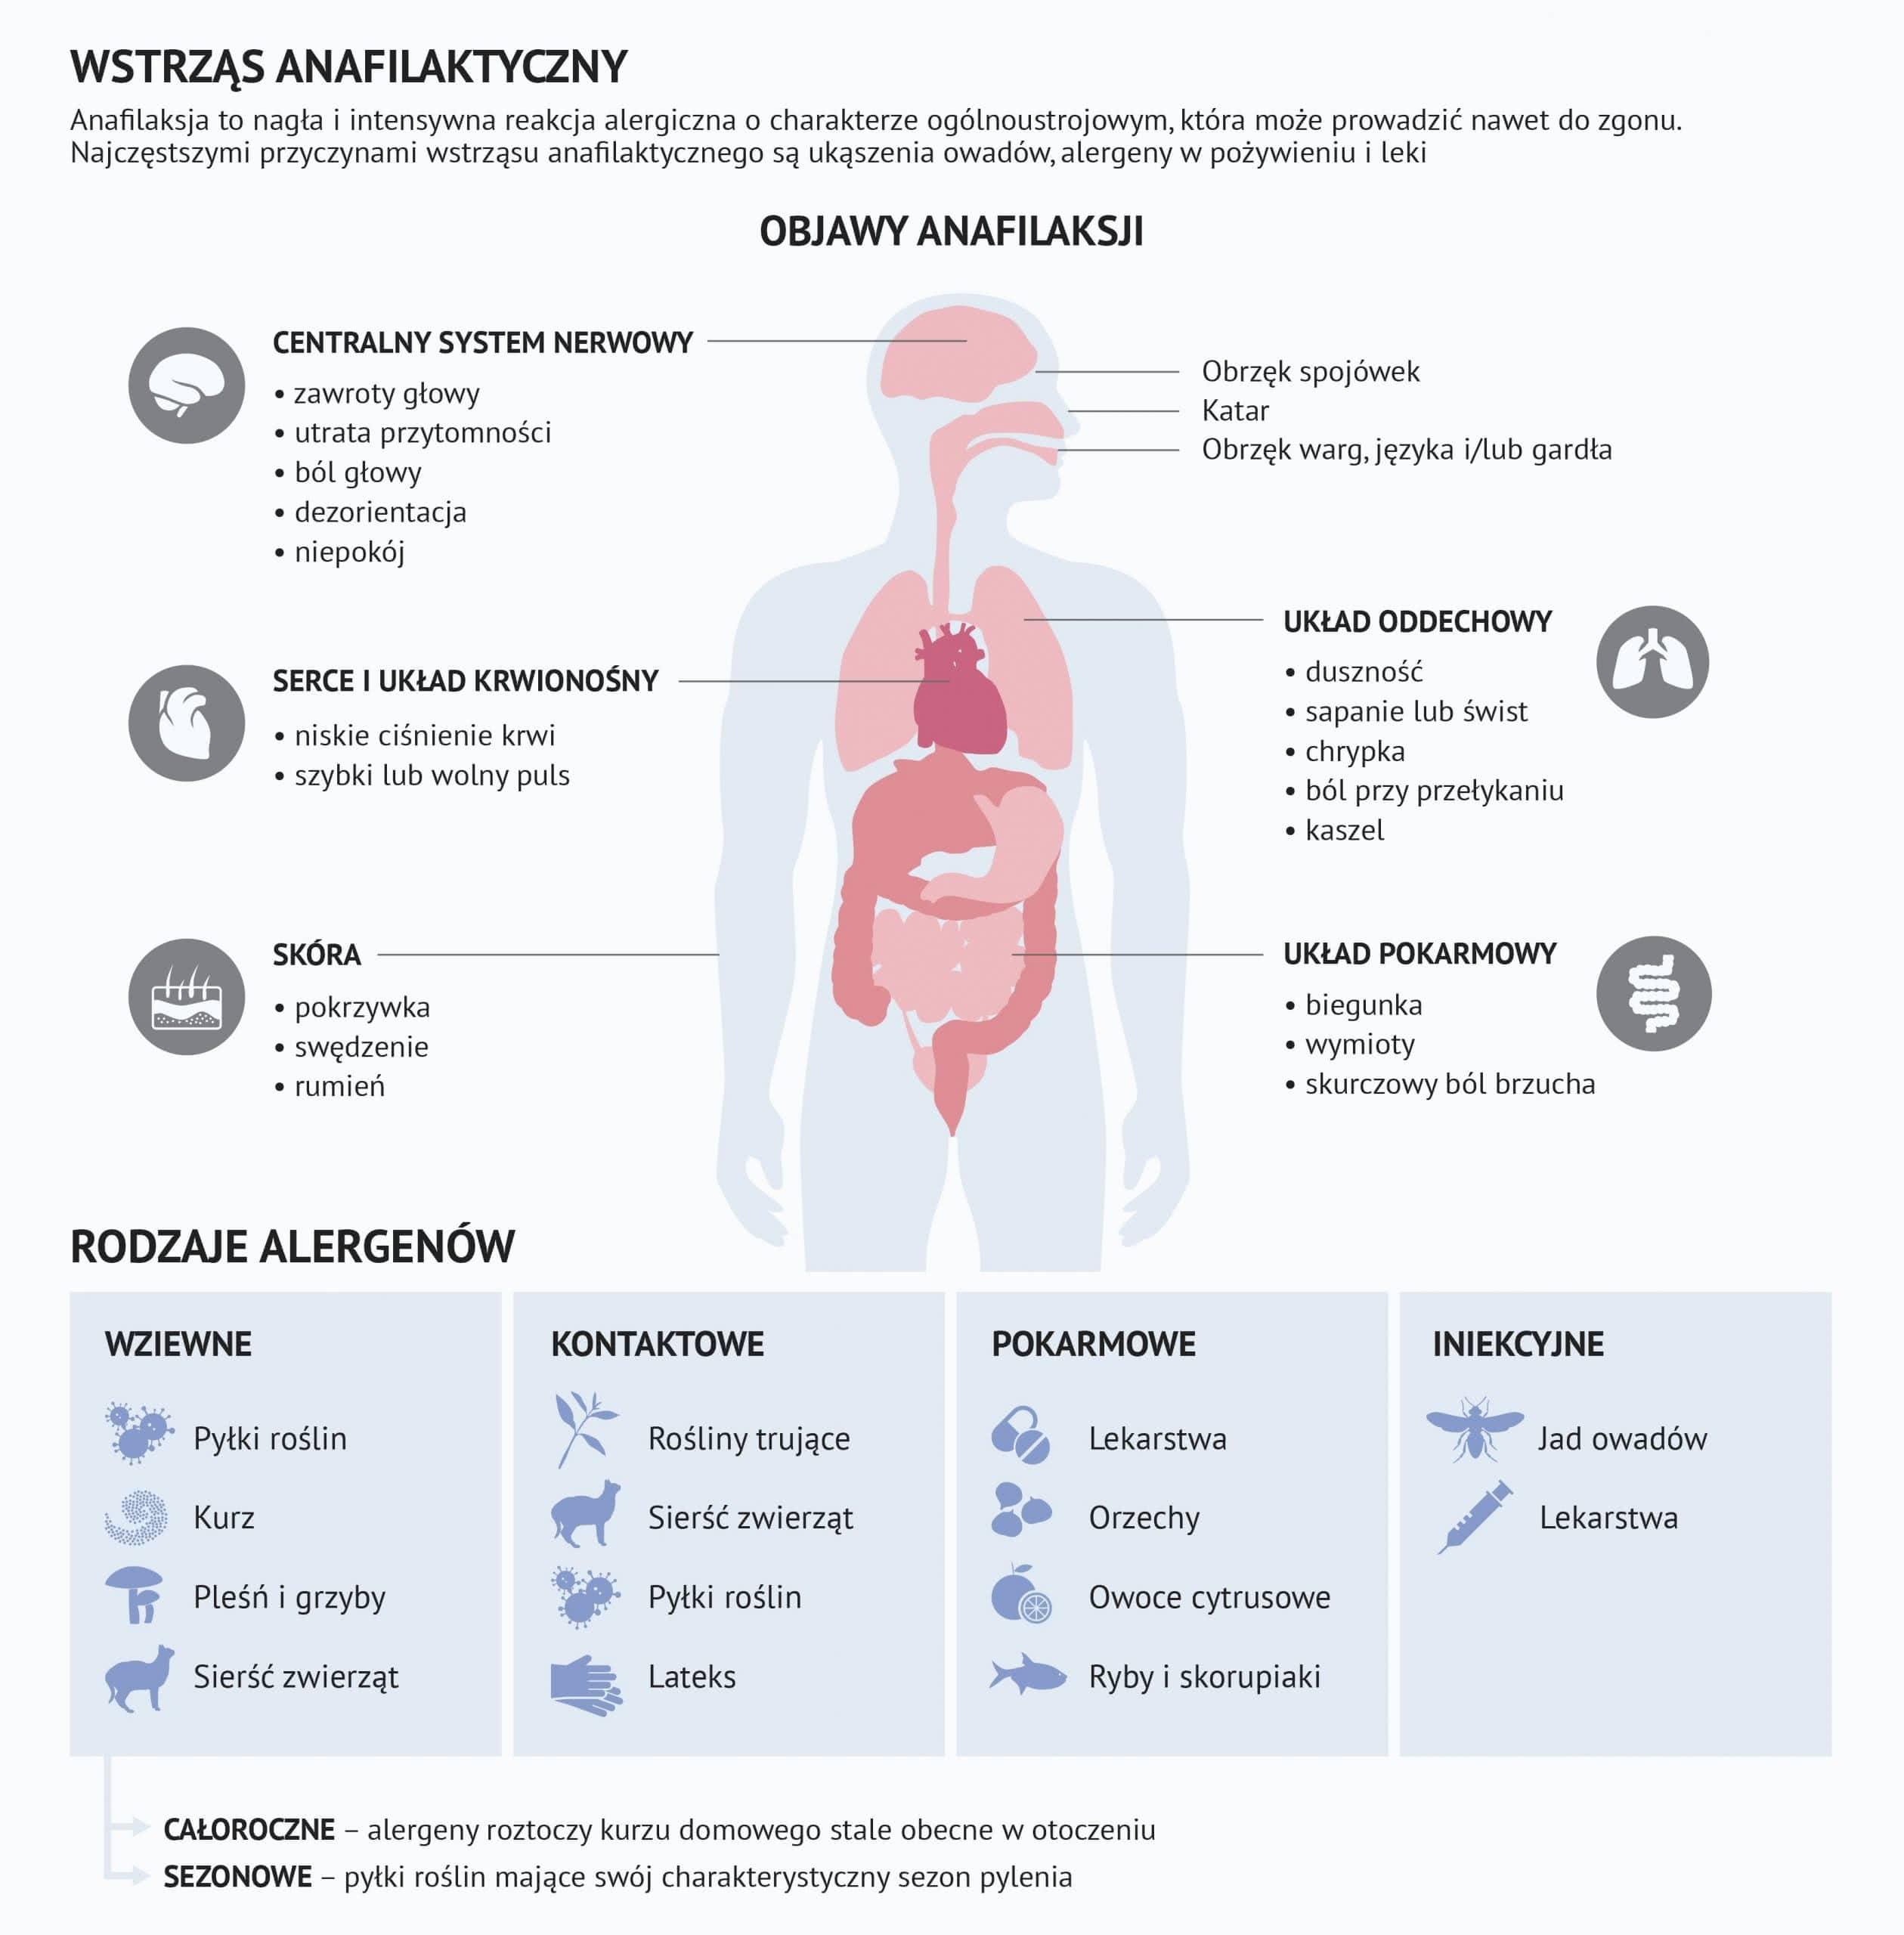 Alergie wziewne, krótka charakterystyka 2